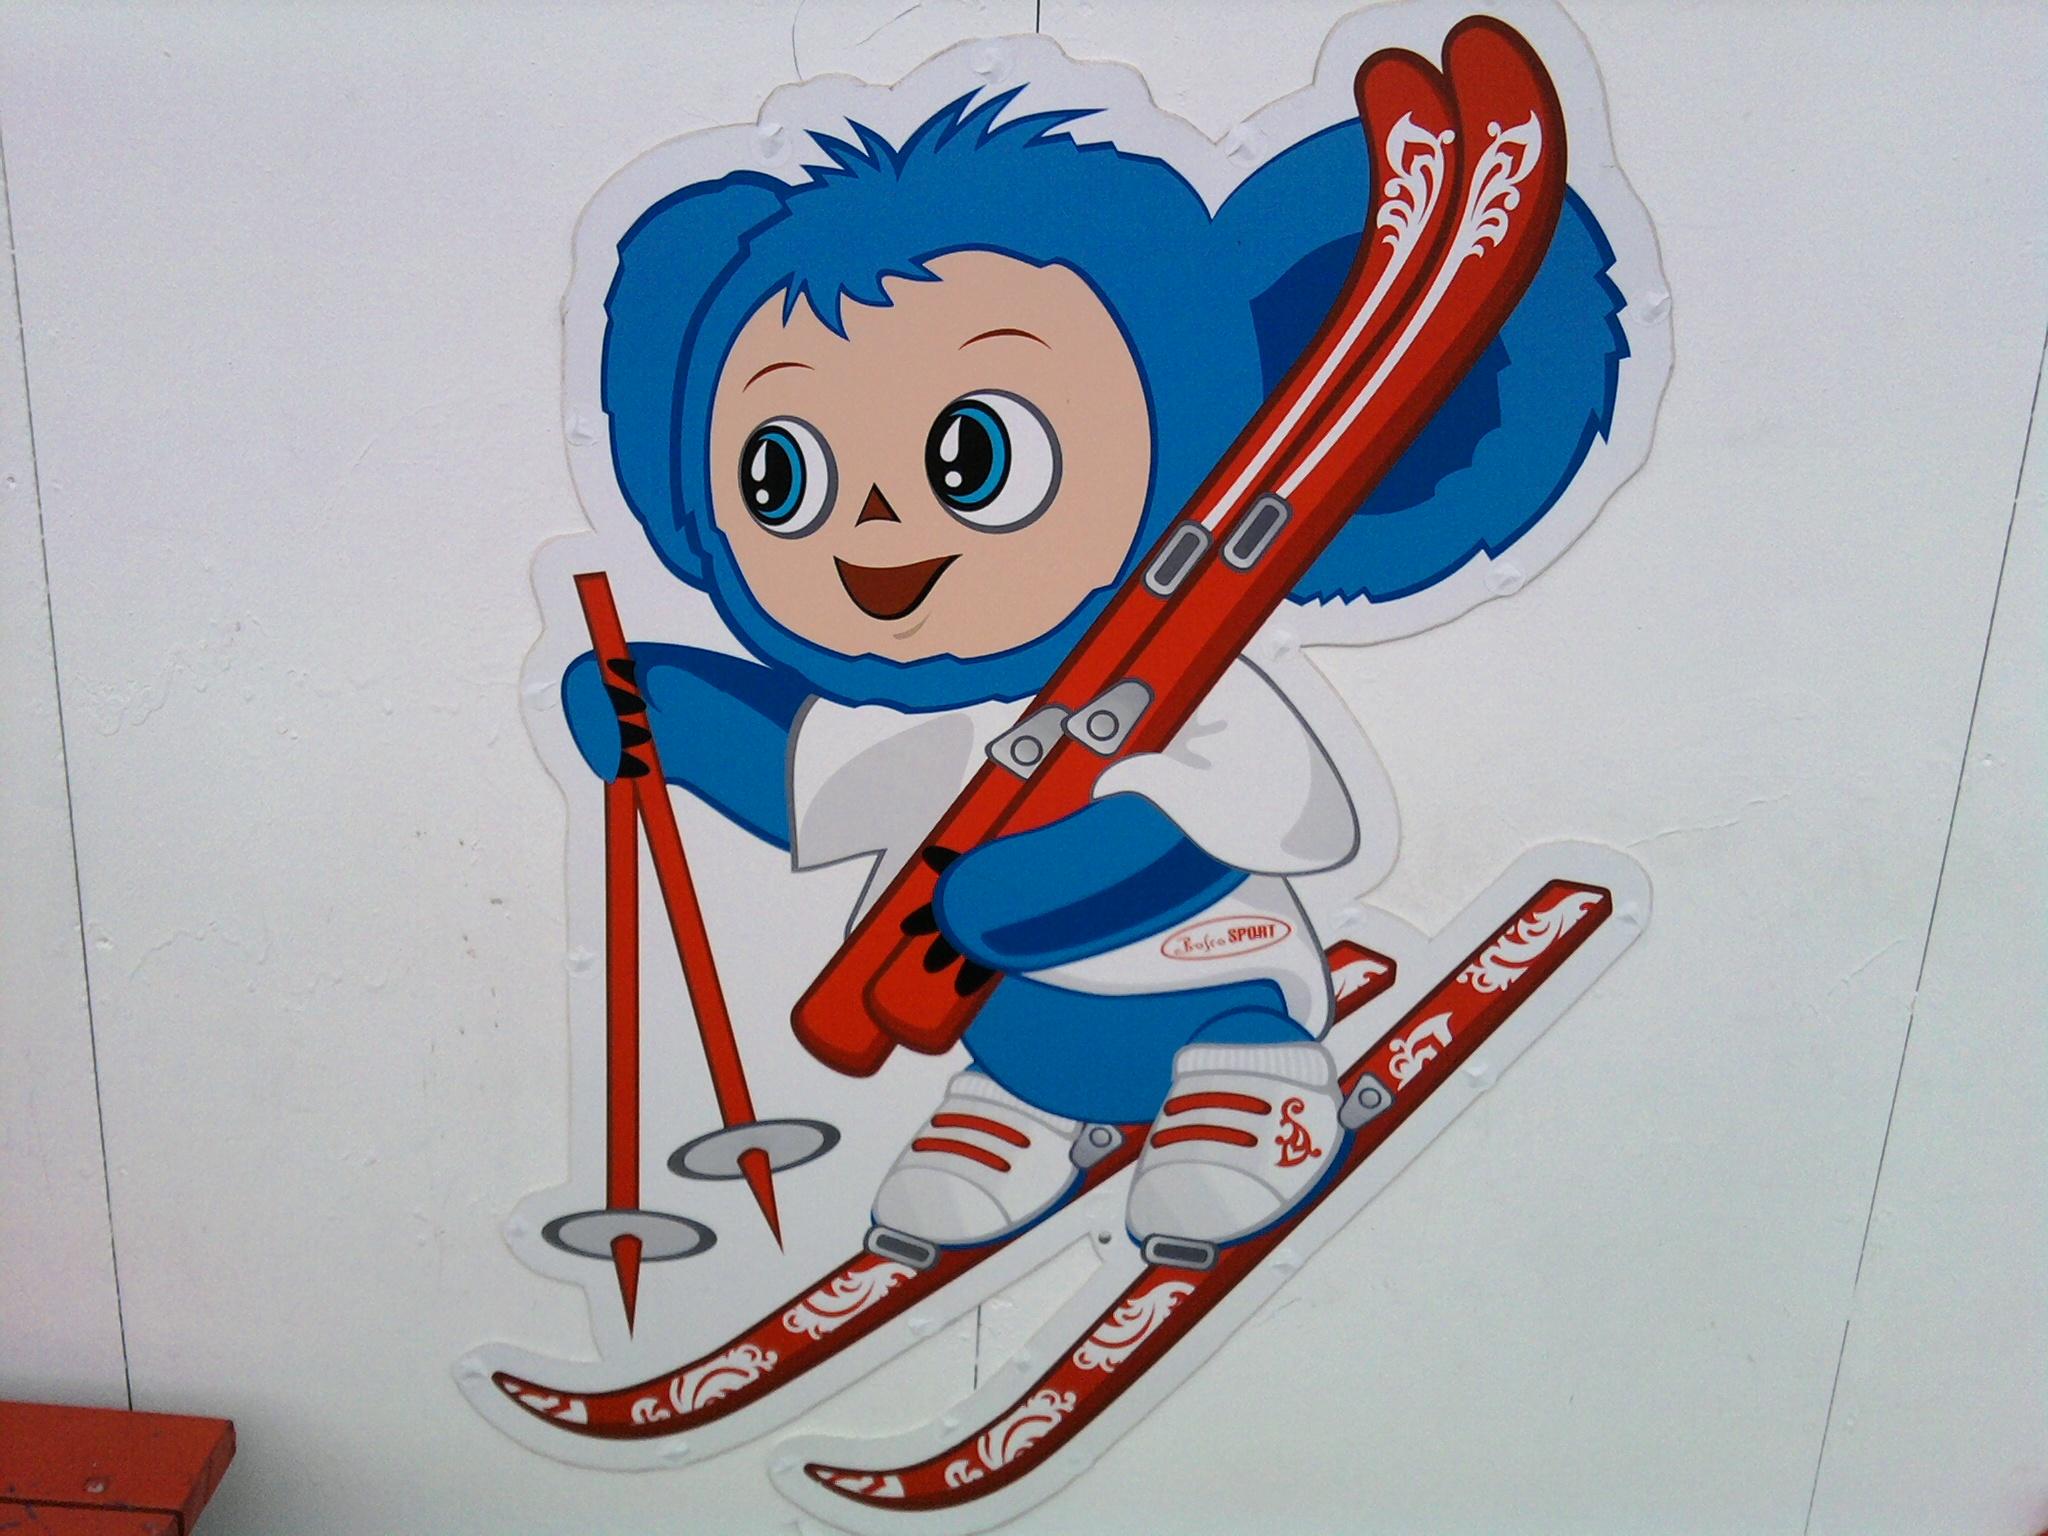 Картинки с зимним видом спорта для детей, для